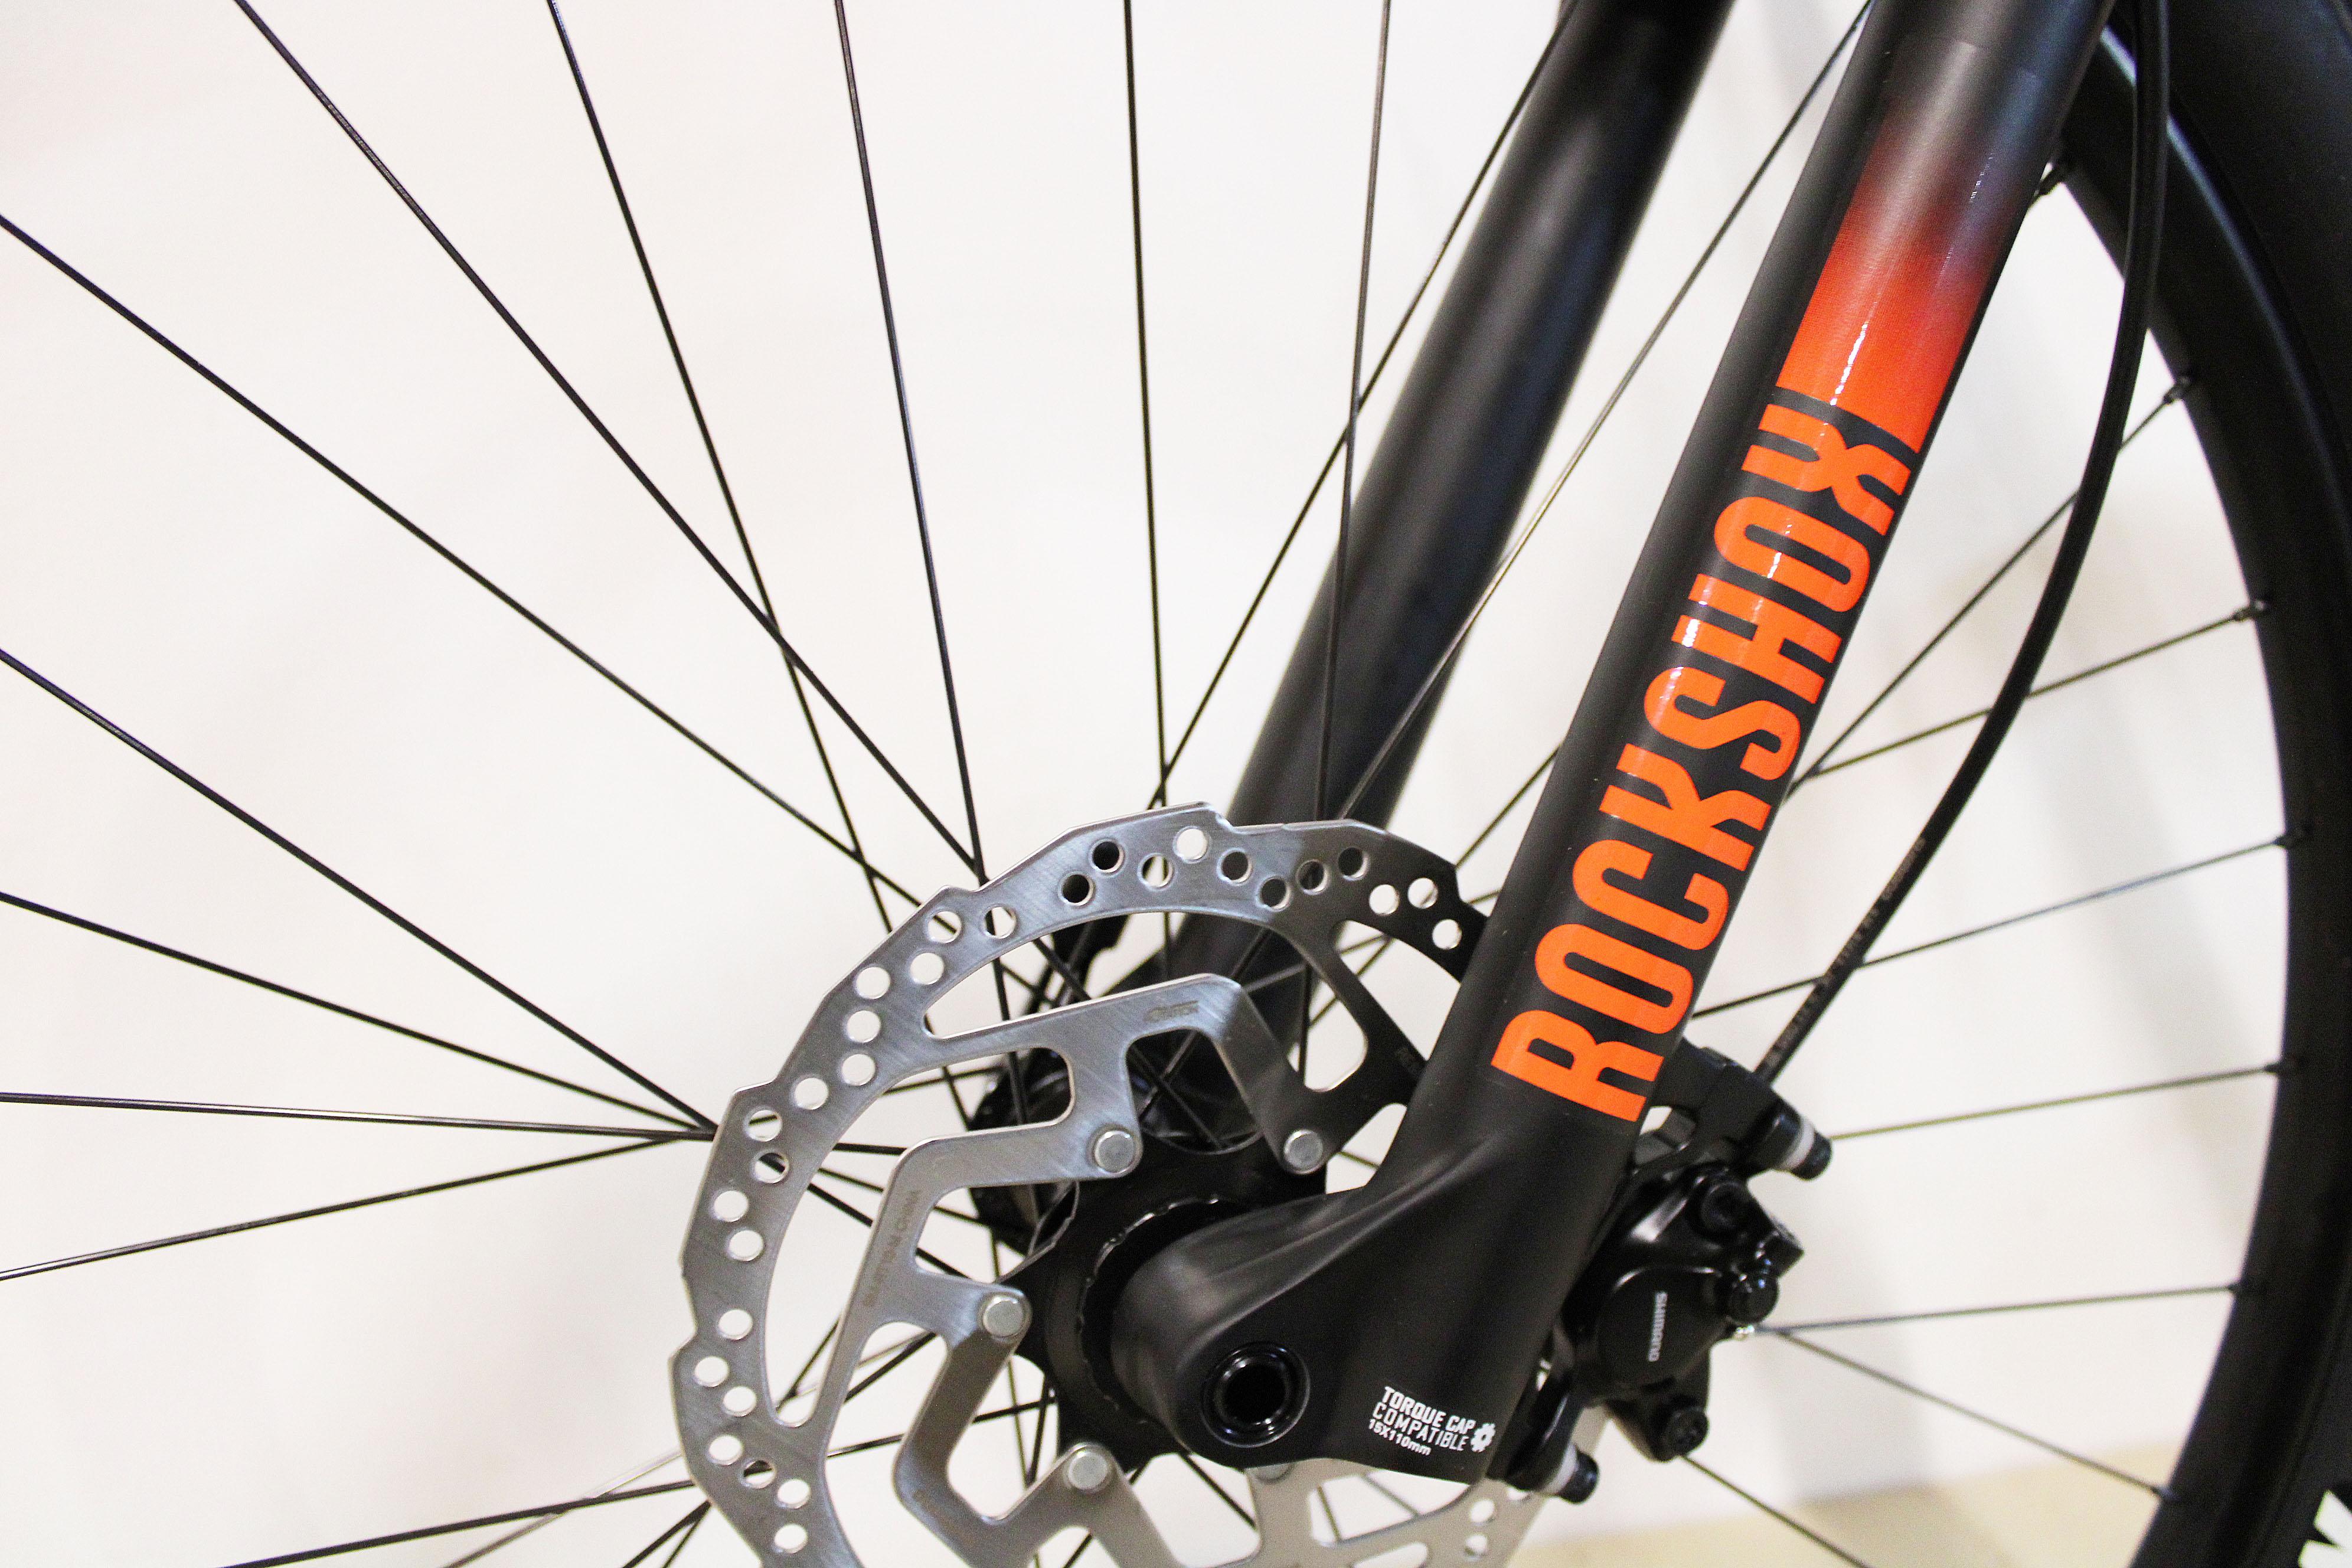 MTB cykel Scott Spark 970 heldämpad, Nyhet 2021